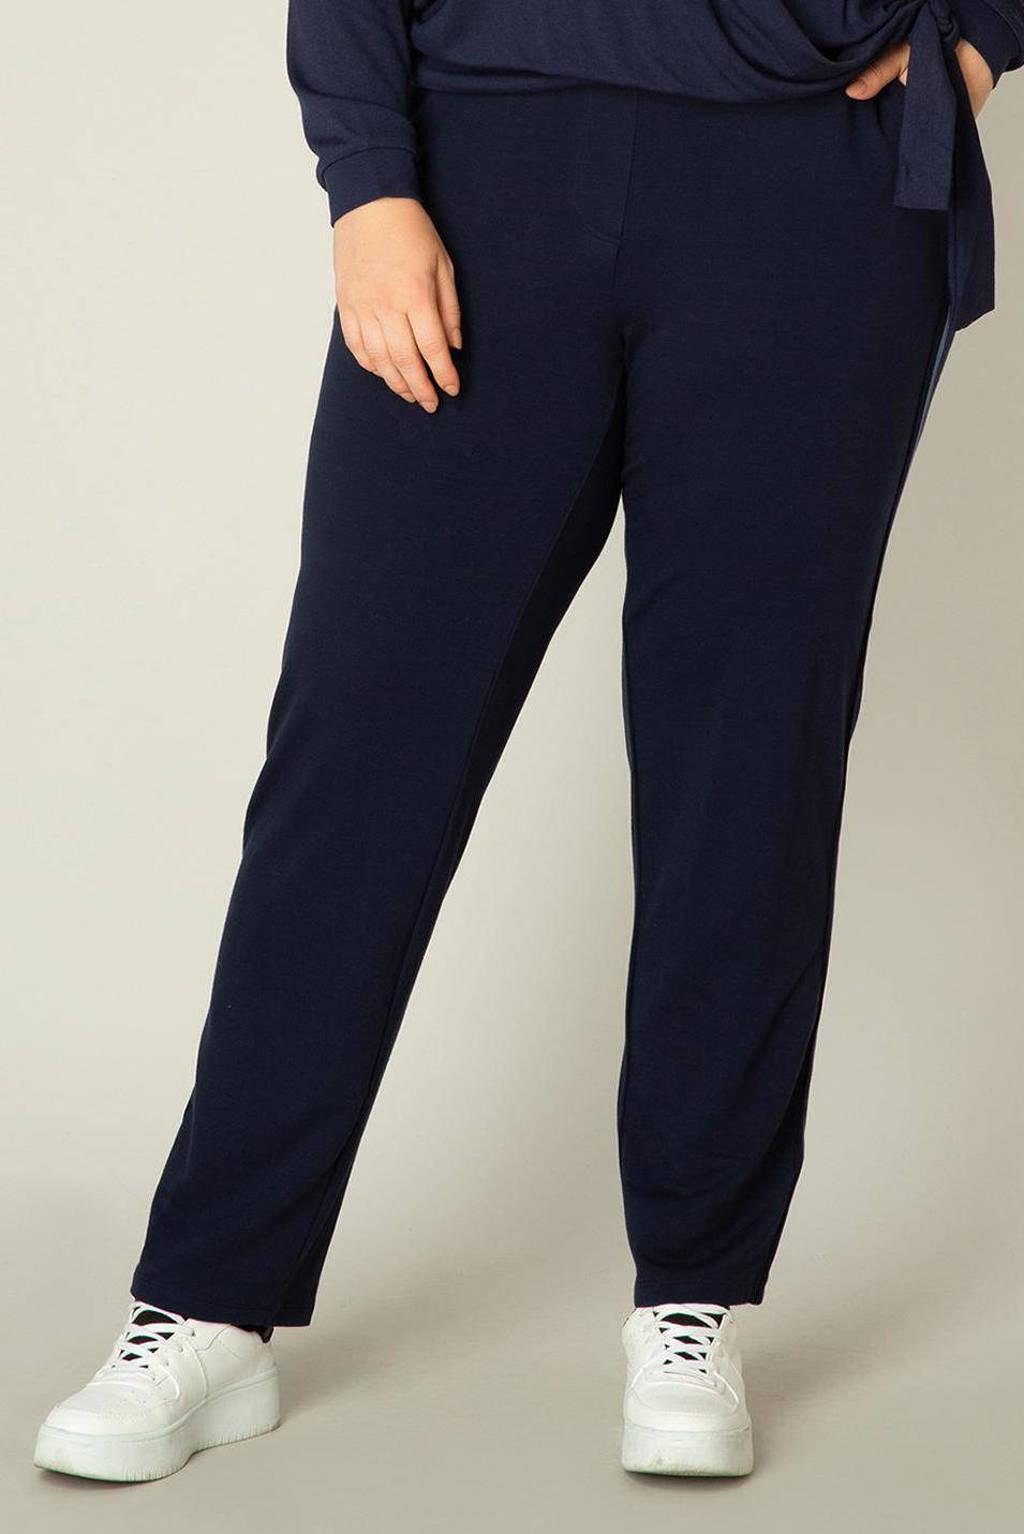 Yesta slim fit broek Vieve met zijstreep donkerblauw/blauw, Donkerblauw/blauw